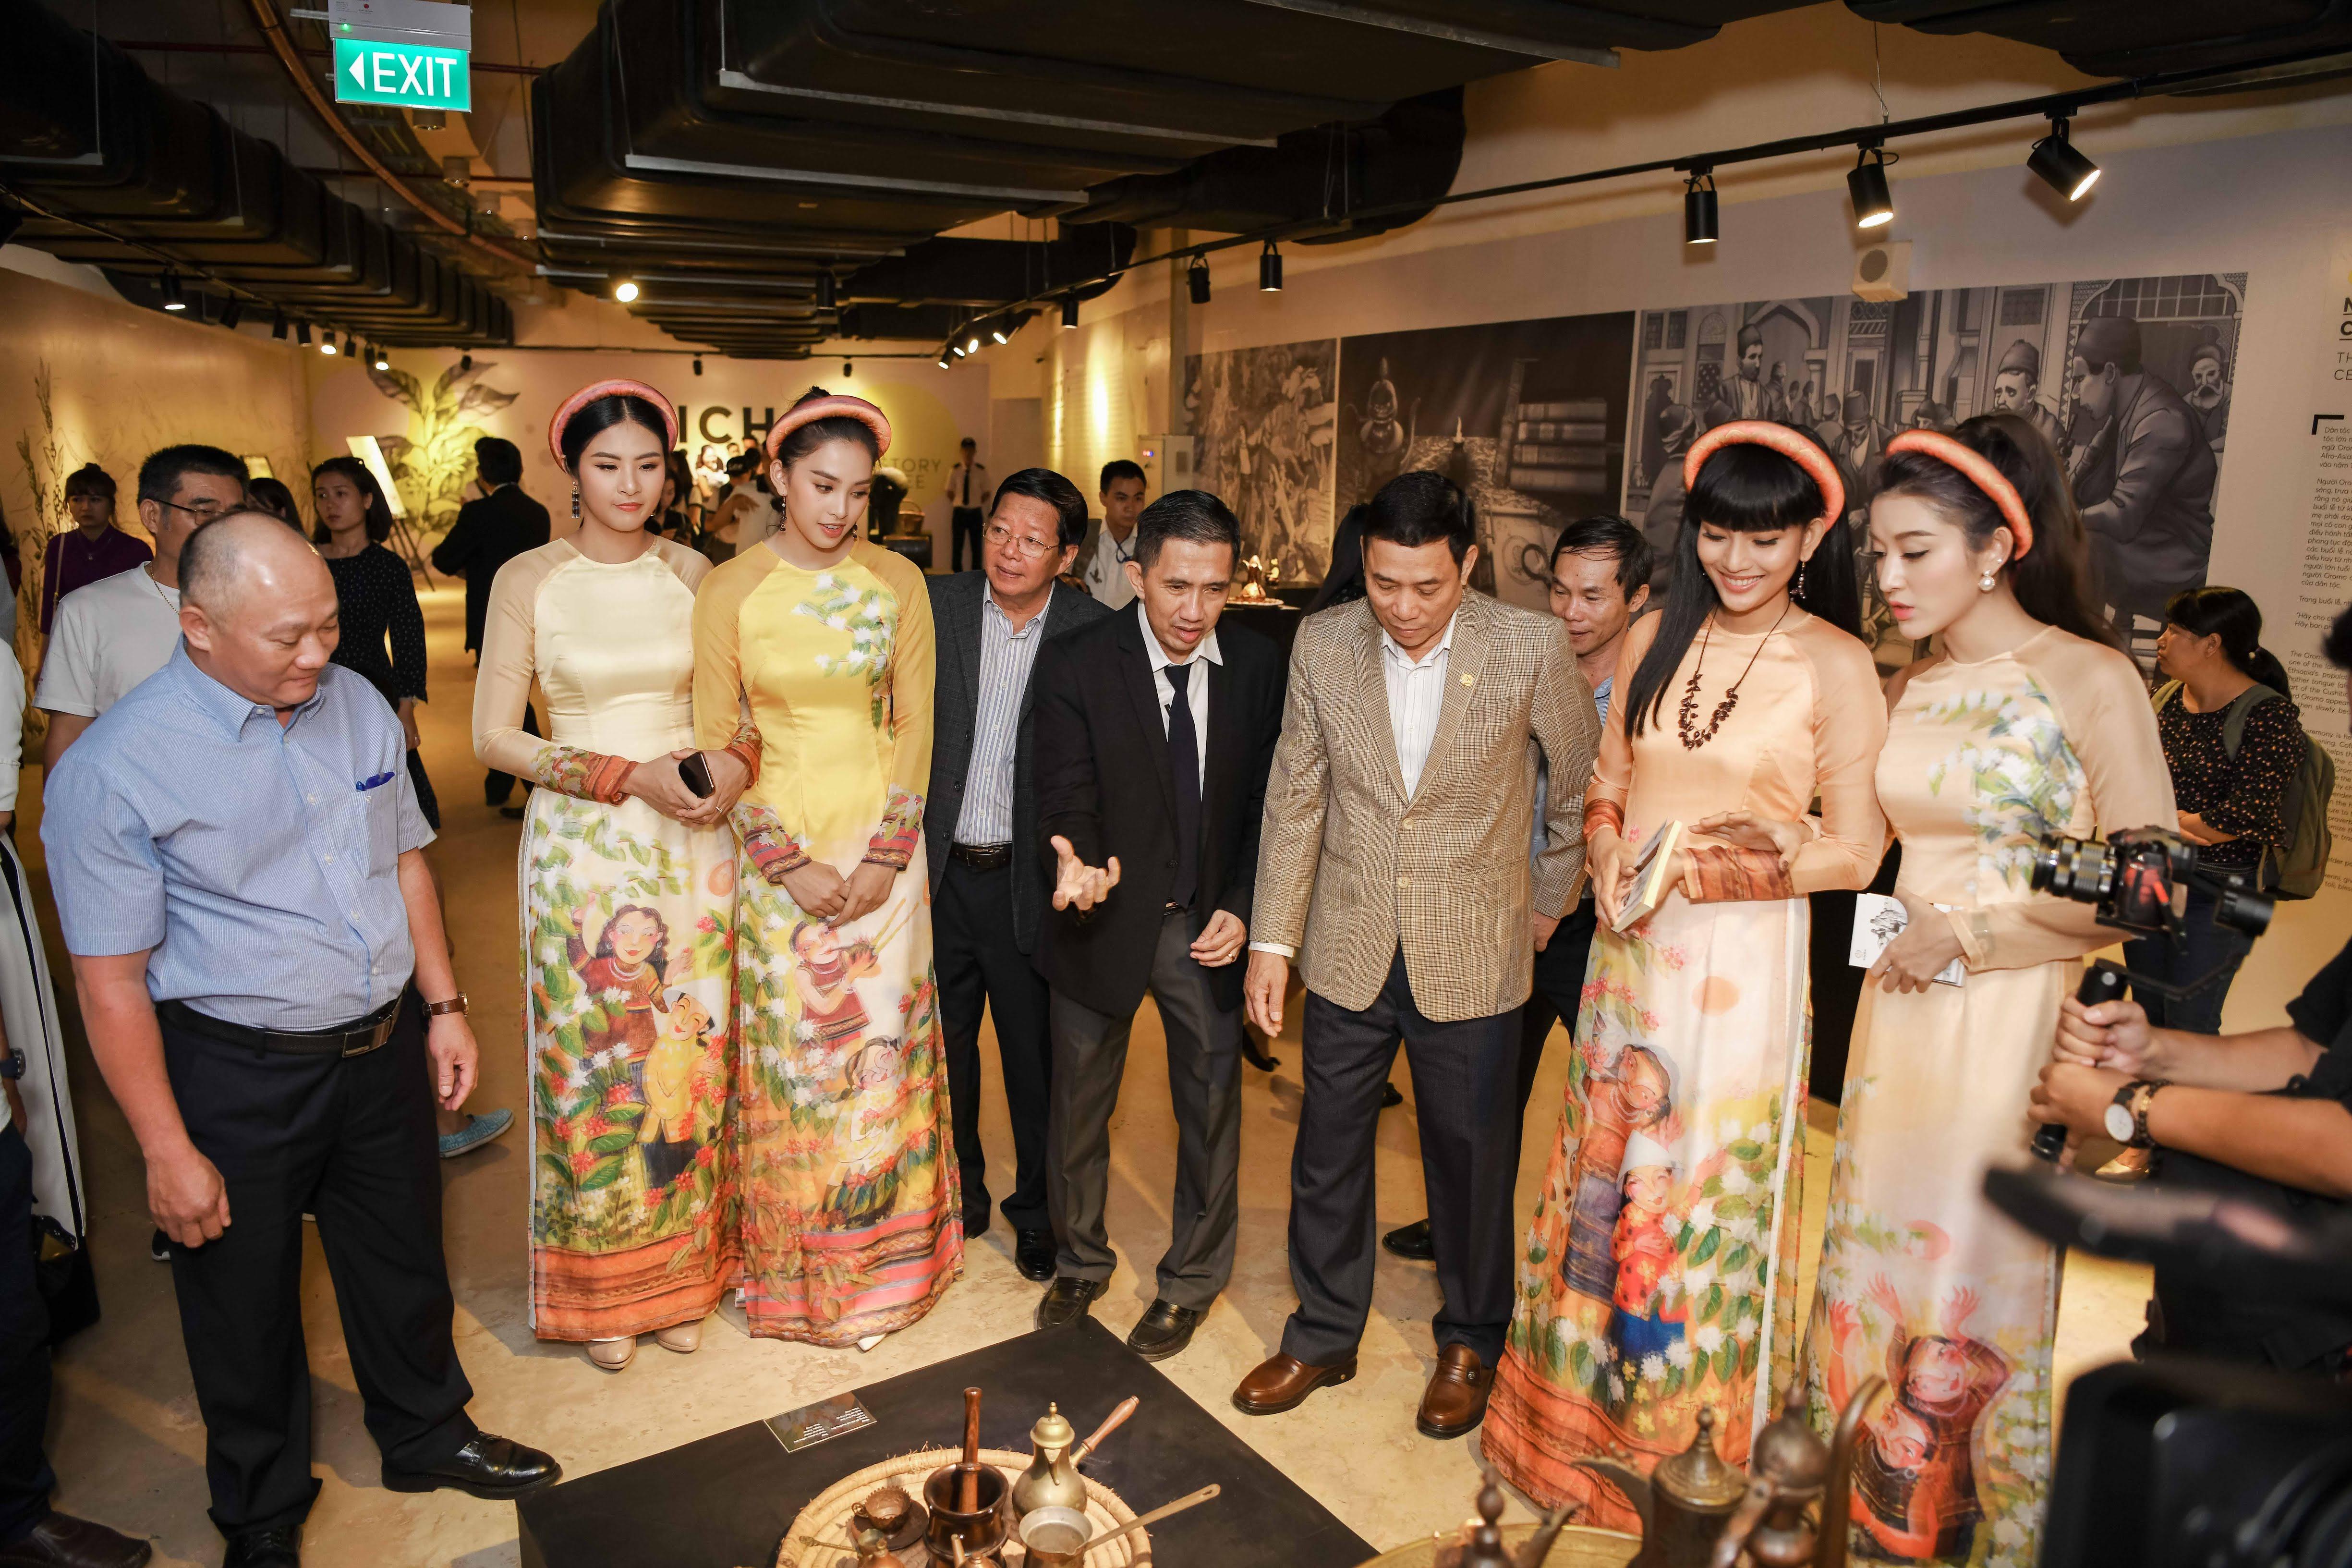 Hoa hậu Thùy Dung tái xuất, ngỡ ngàng nhan sắc sau 10 năm đăng quang 3